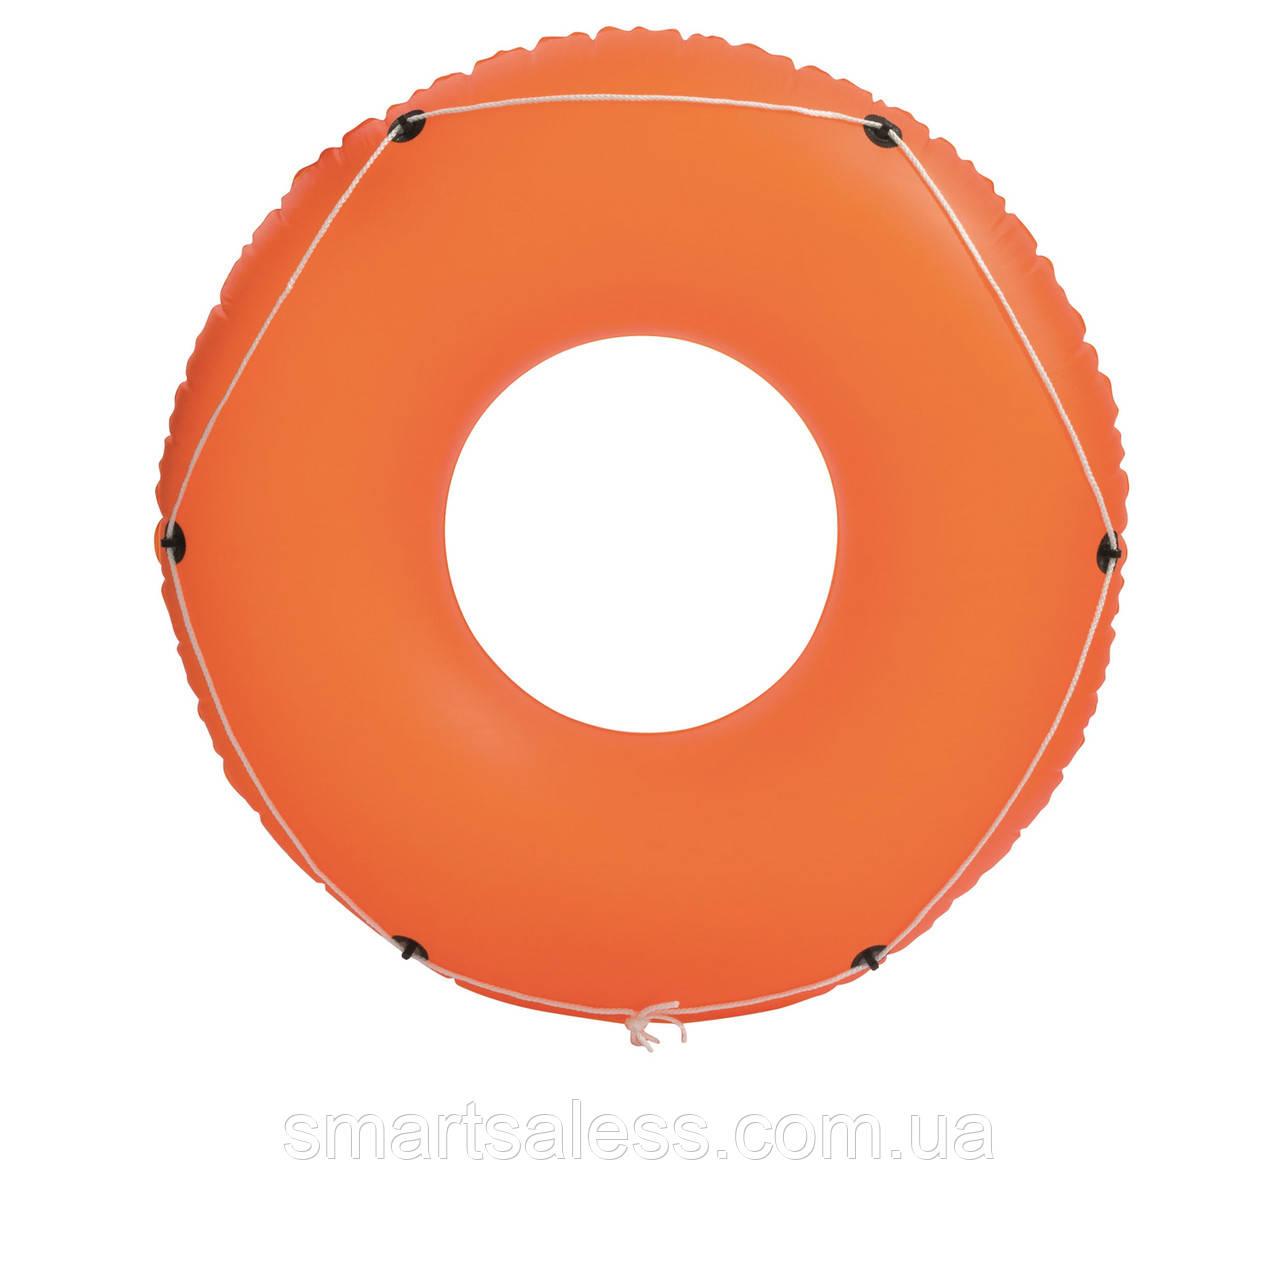 Надувной круг Bestway 36120 с канатом, 119 см, оранжевый